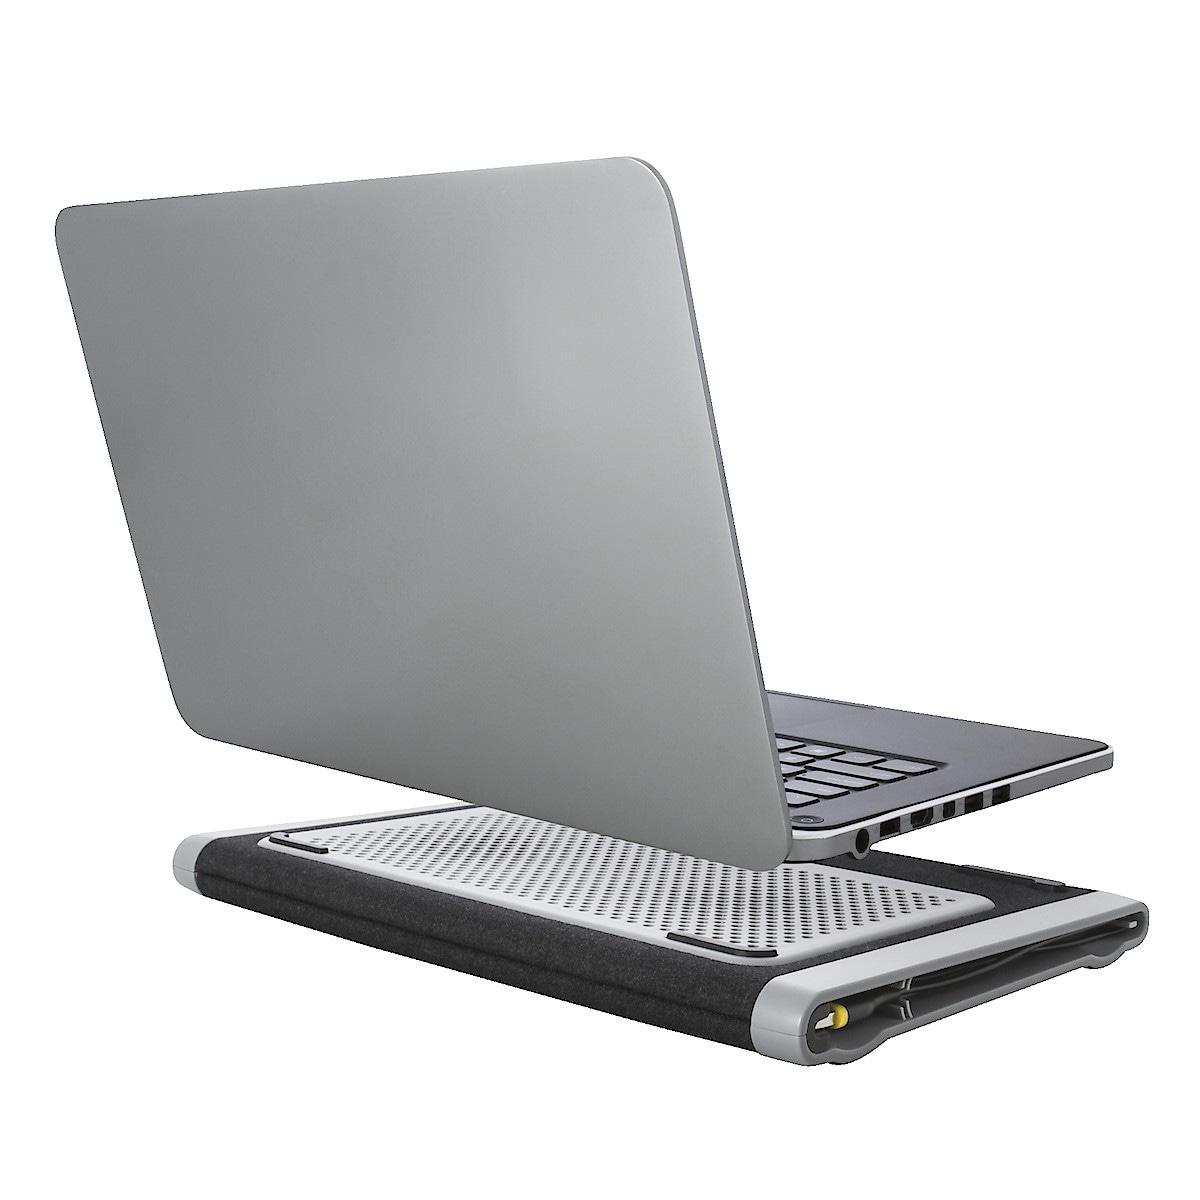 Laptopställ med fläktkylning, Targus Dual Fan Chill Mat